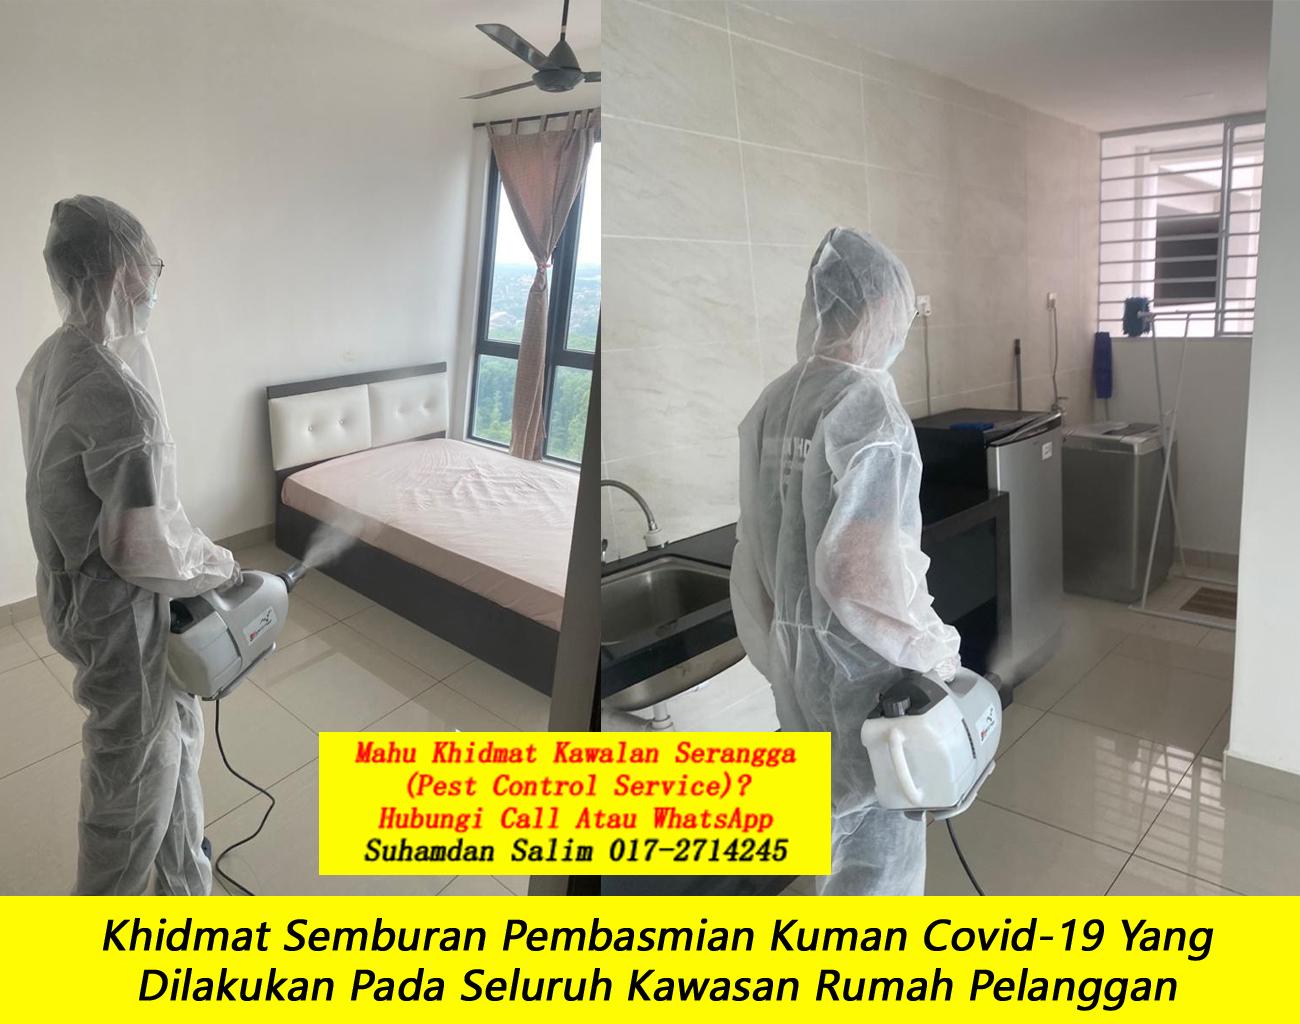 khidmat sanitizing membasmi kuman Covid-19 Disinfection Service semburan sanitize covid 19 paling berkesan dengan harga berpatutan the best service covid-19 gemas negeri sembilan felda